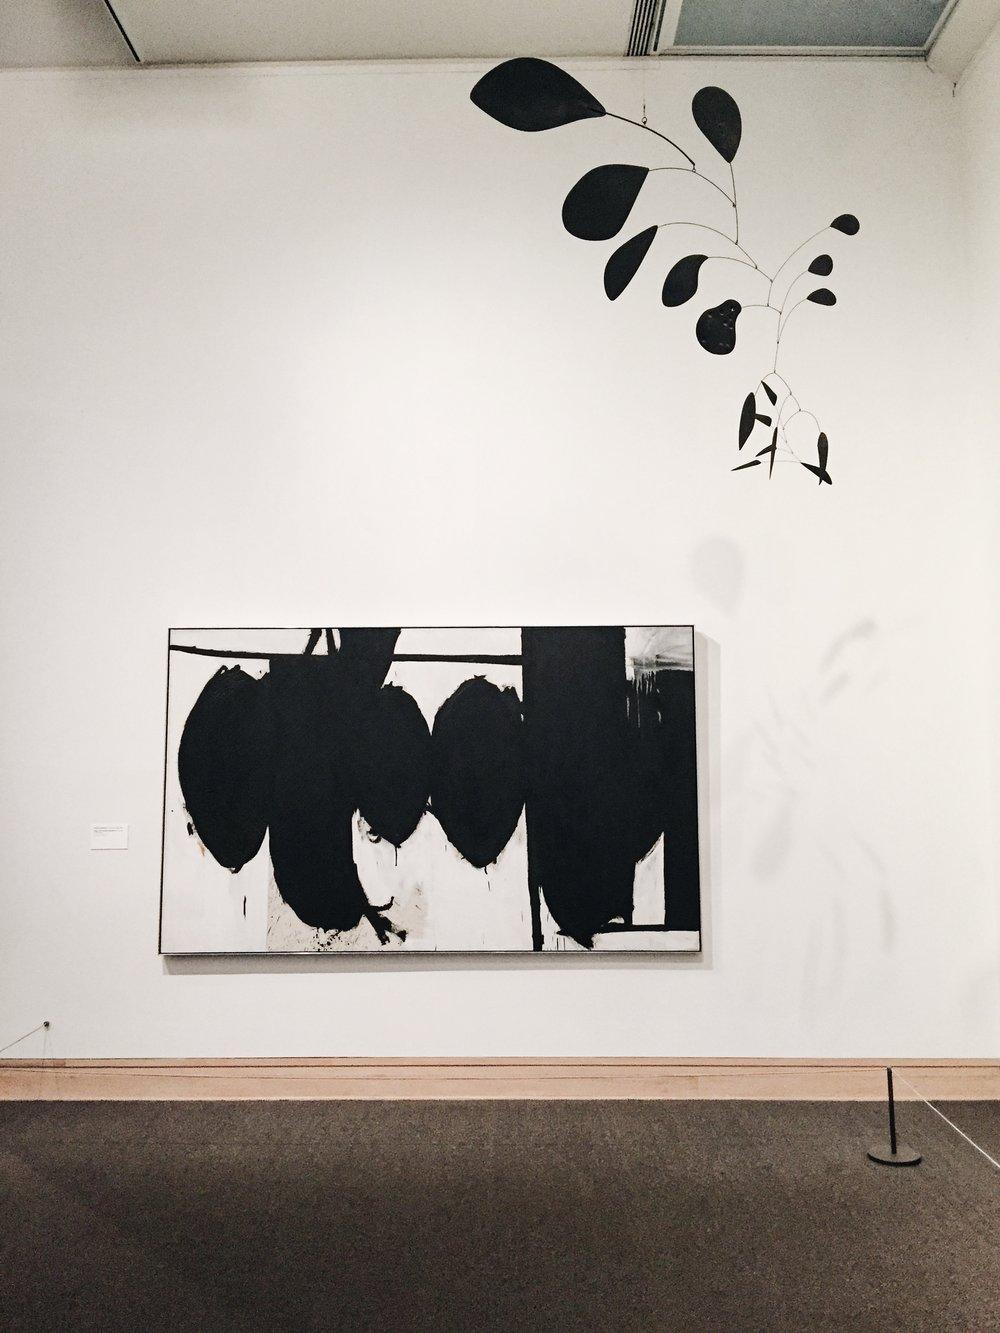 Sculpture by Alexander Calder.